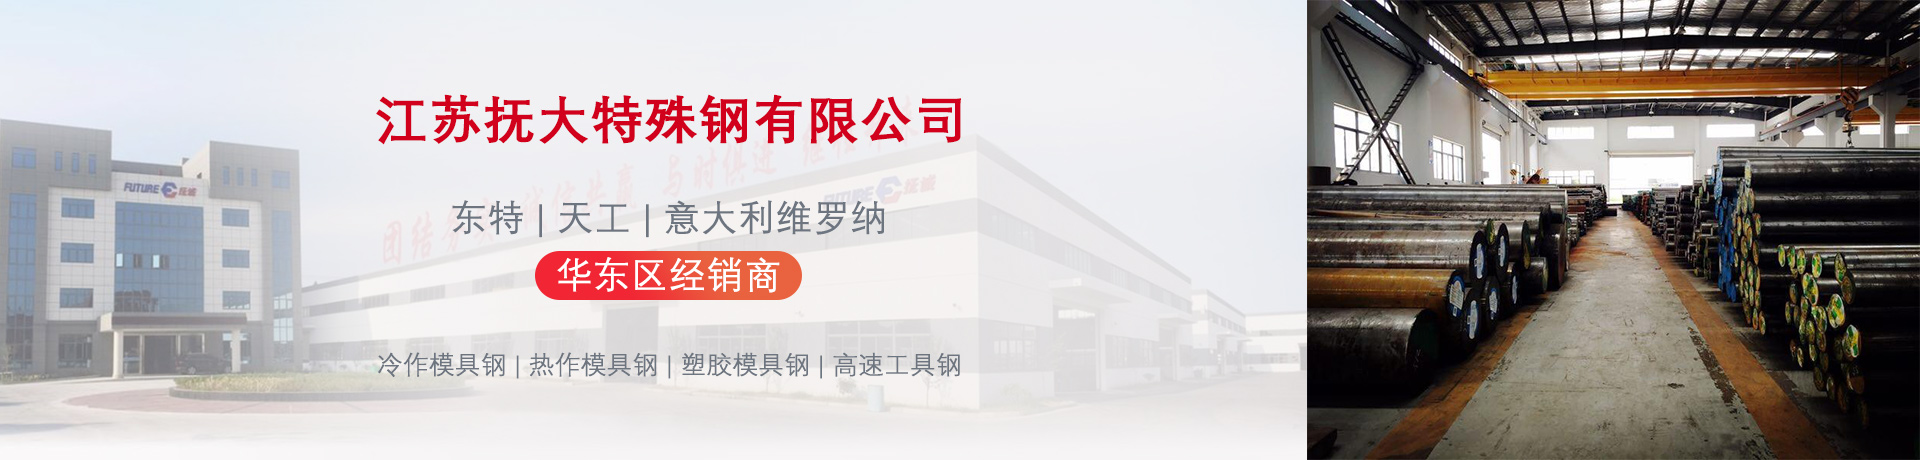 江苏抚大特殊钢有限公司